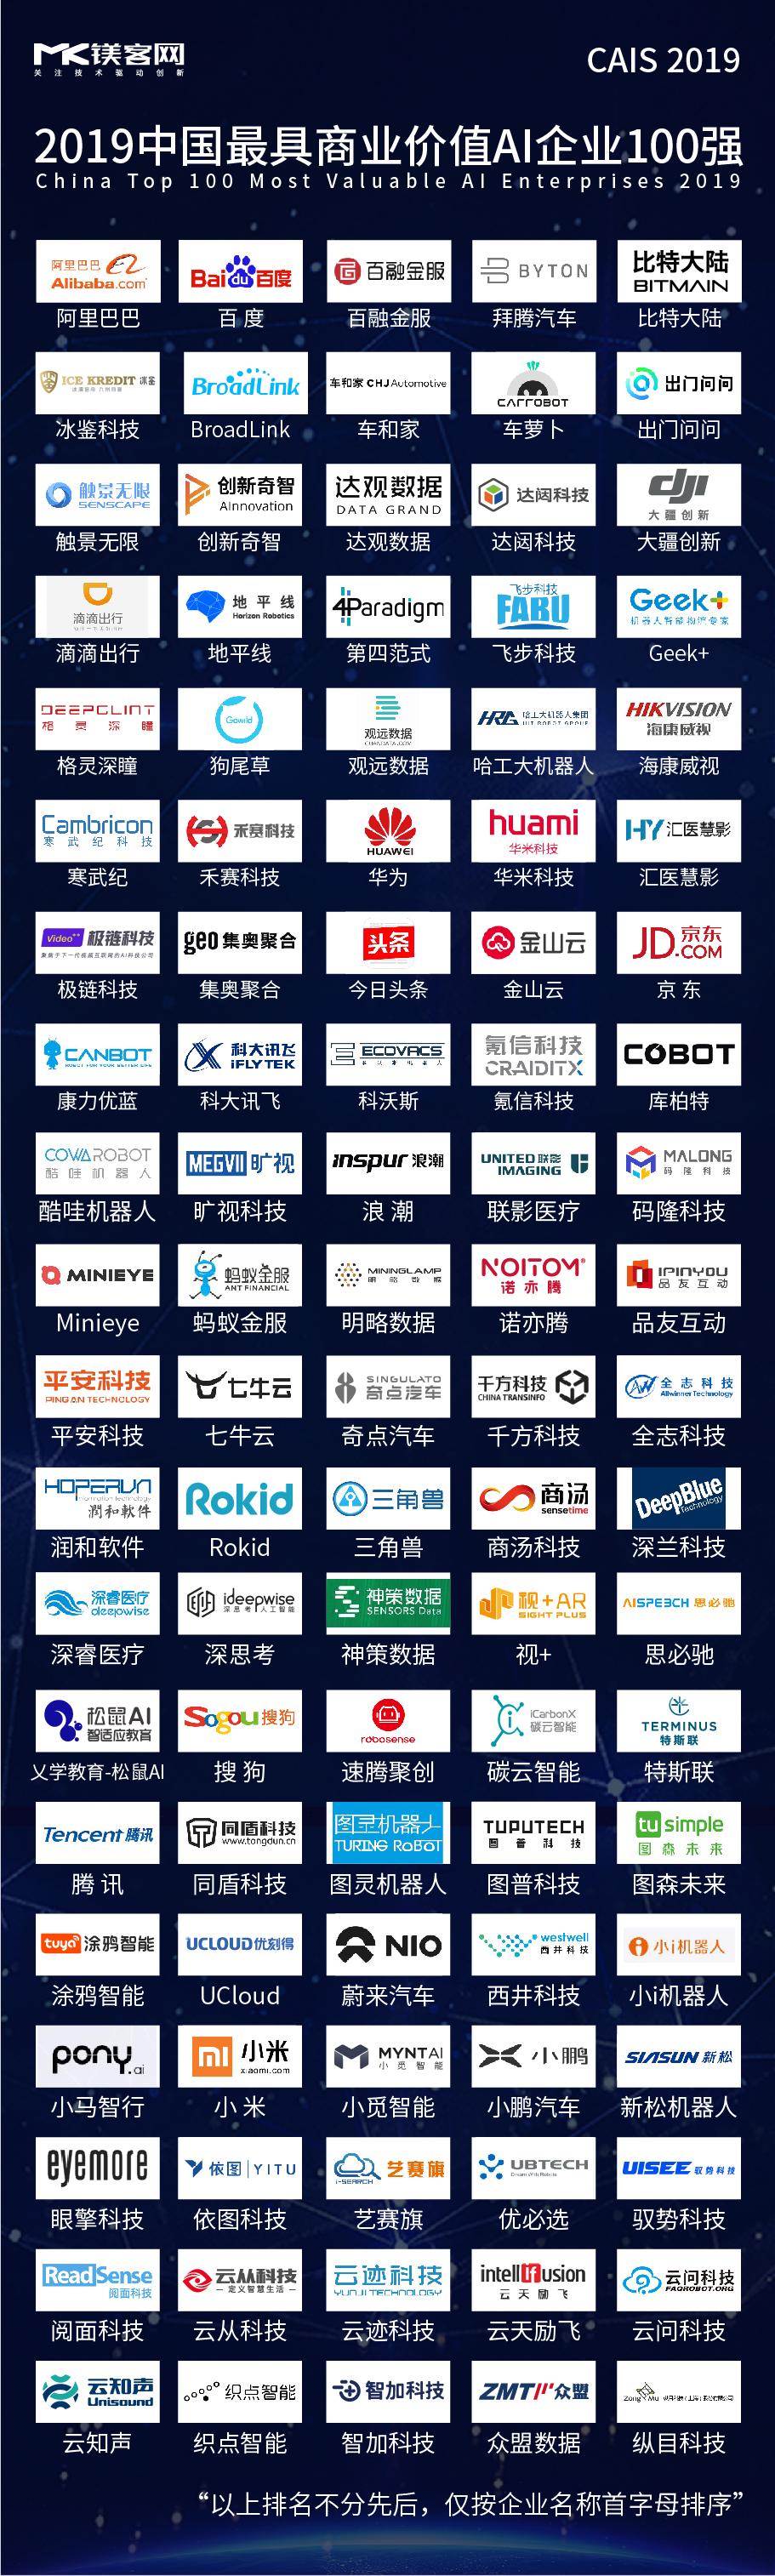 重磅!《2019年中国最具商业价值AI企业百强》榜正式发布